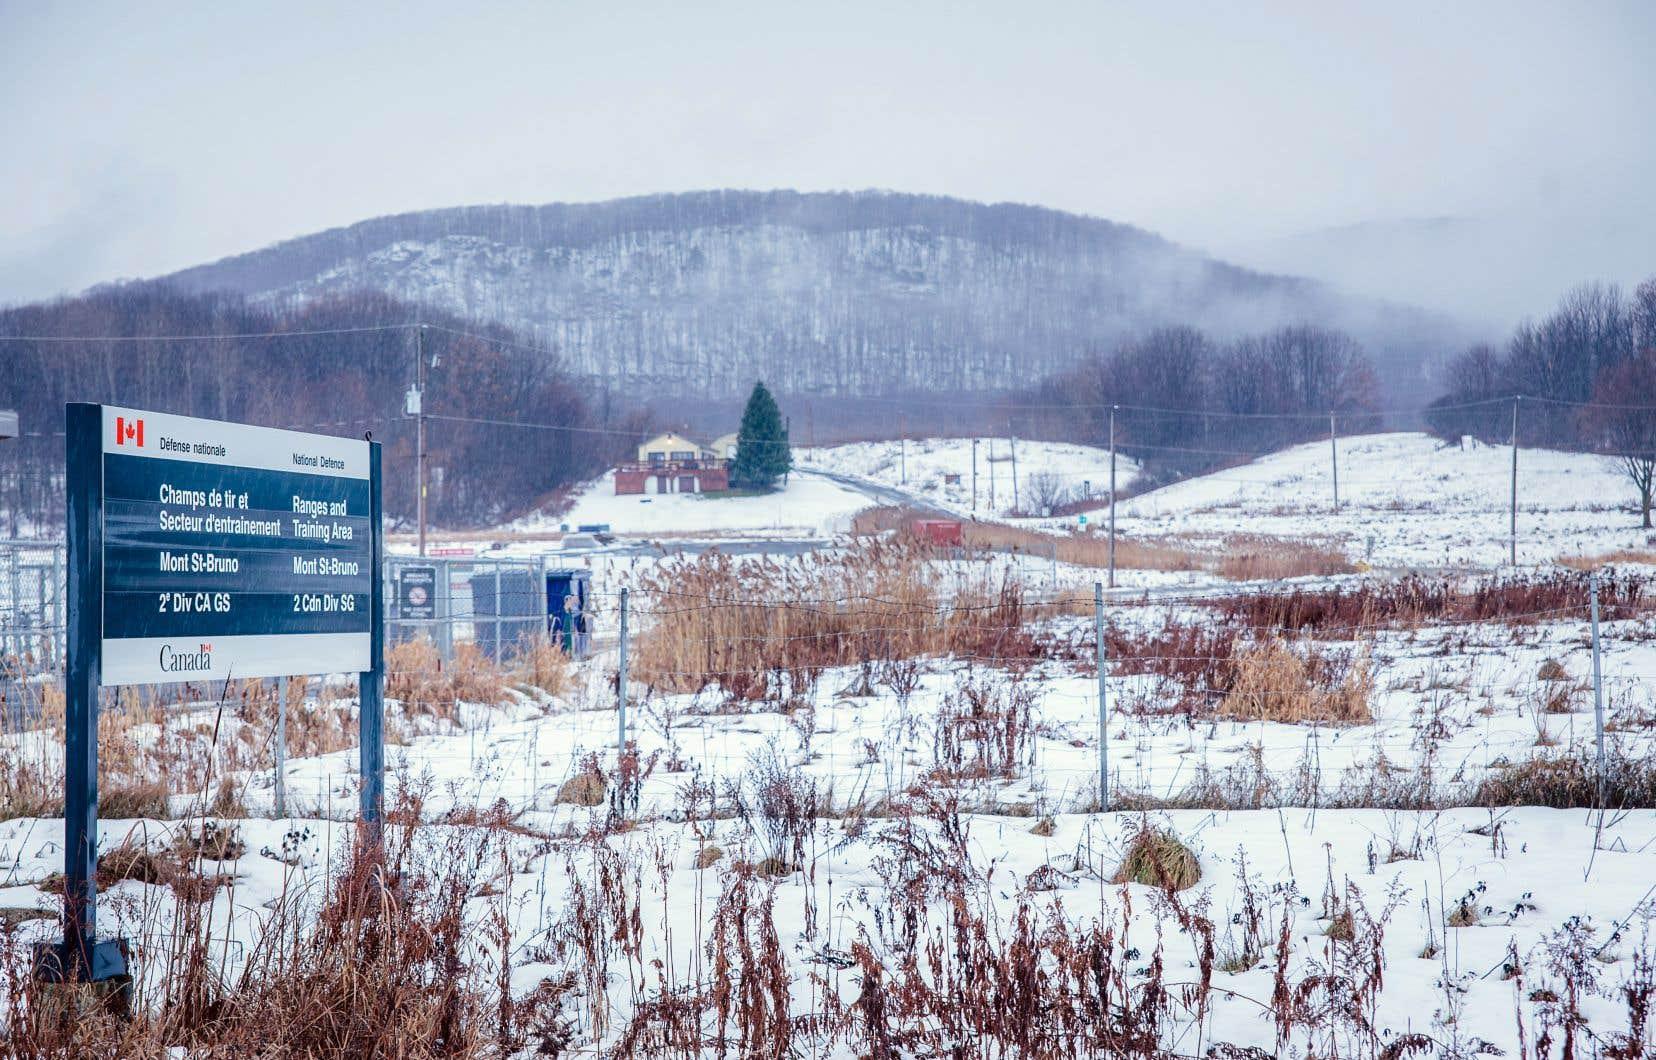 Avant d'envisager une annexion de l'ancien champ de tir au parc national du Mont-Saint-Bruno, le ministère de la Défense doit procéder à une consultation officielle avec tous les groupes intéressés.